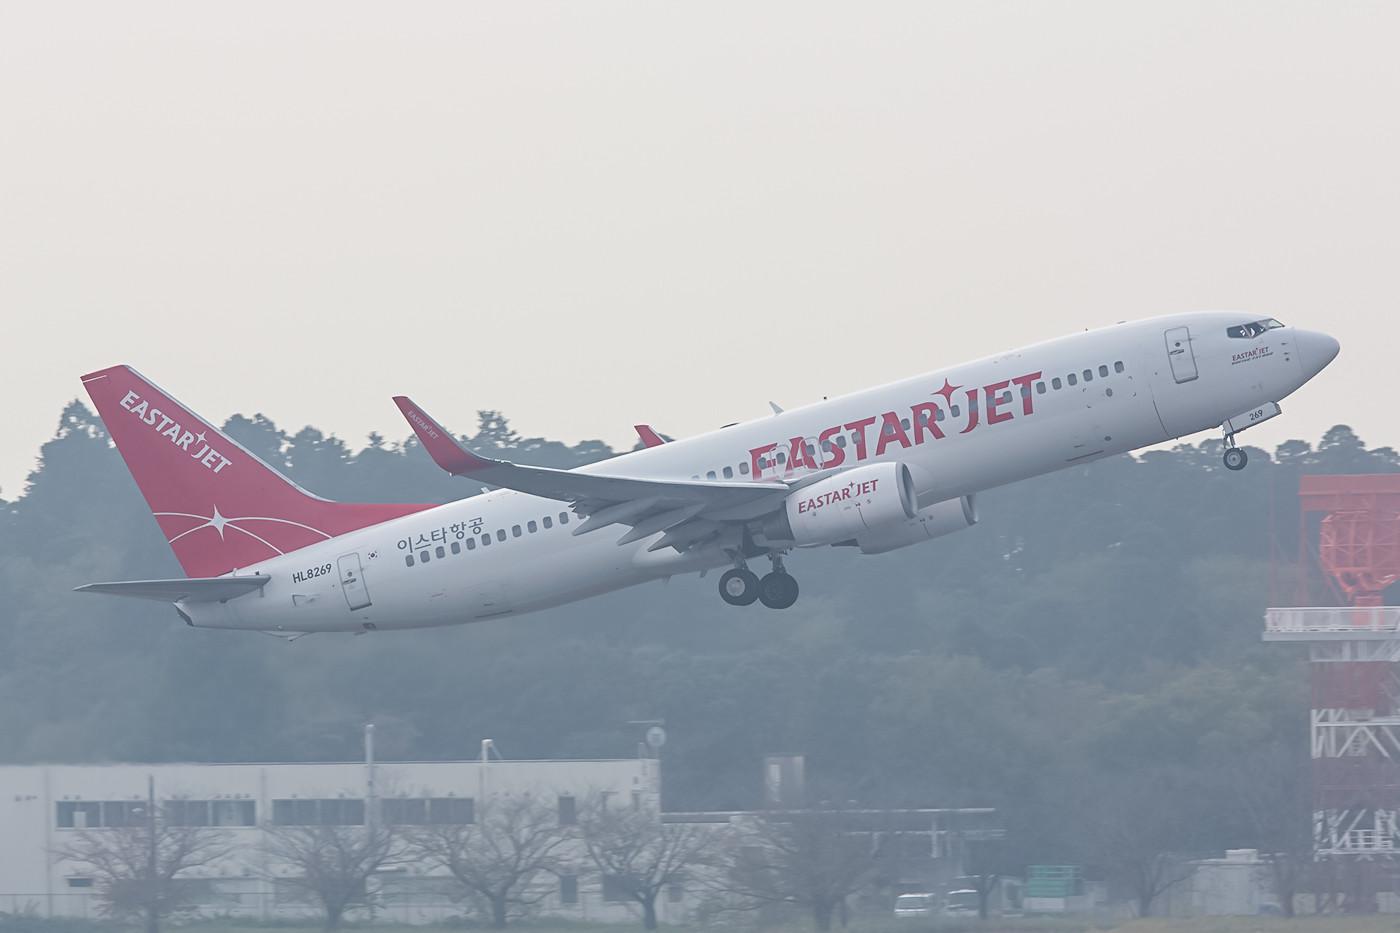 Eaststar Jet aus Südkorea.